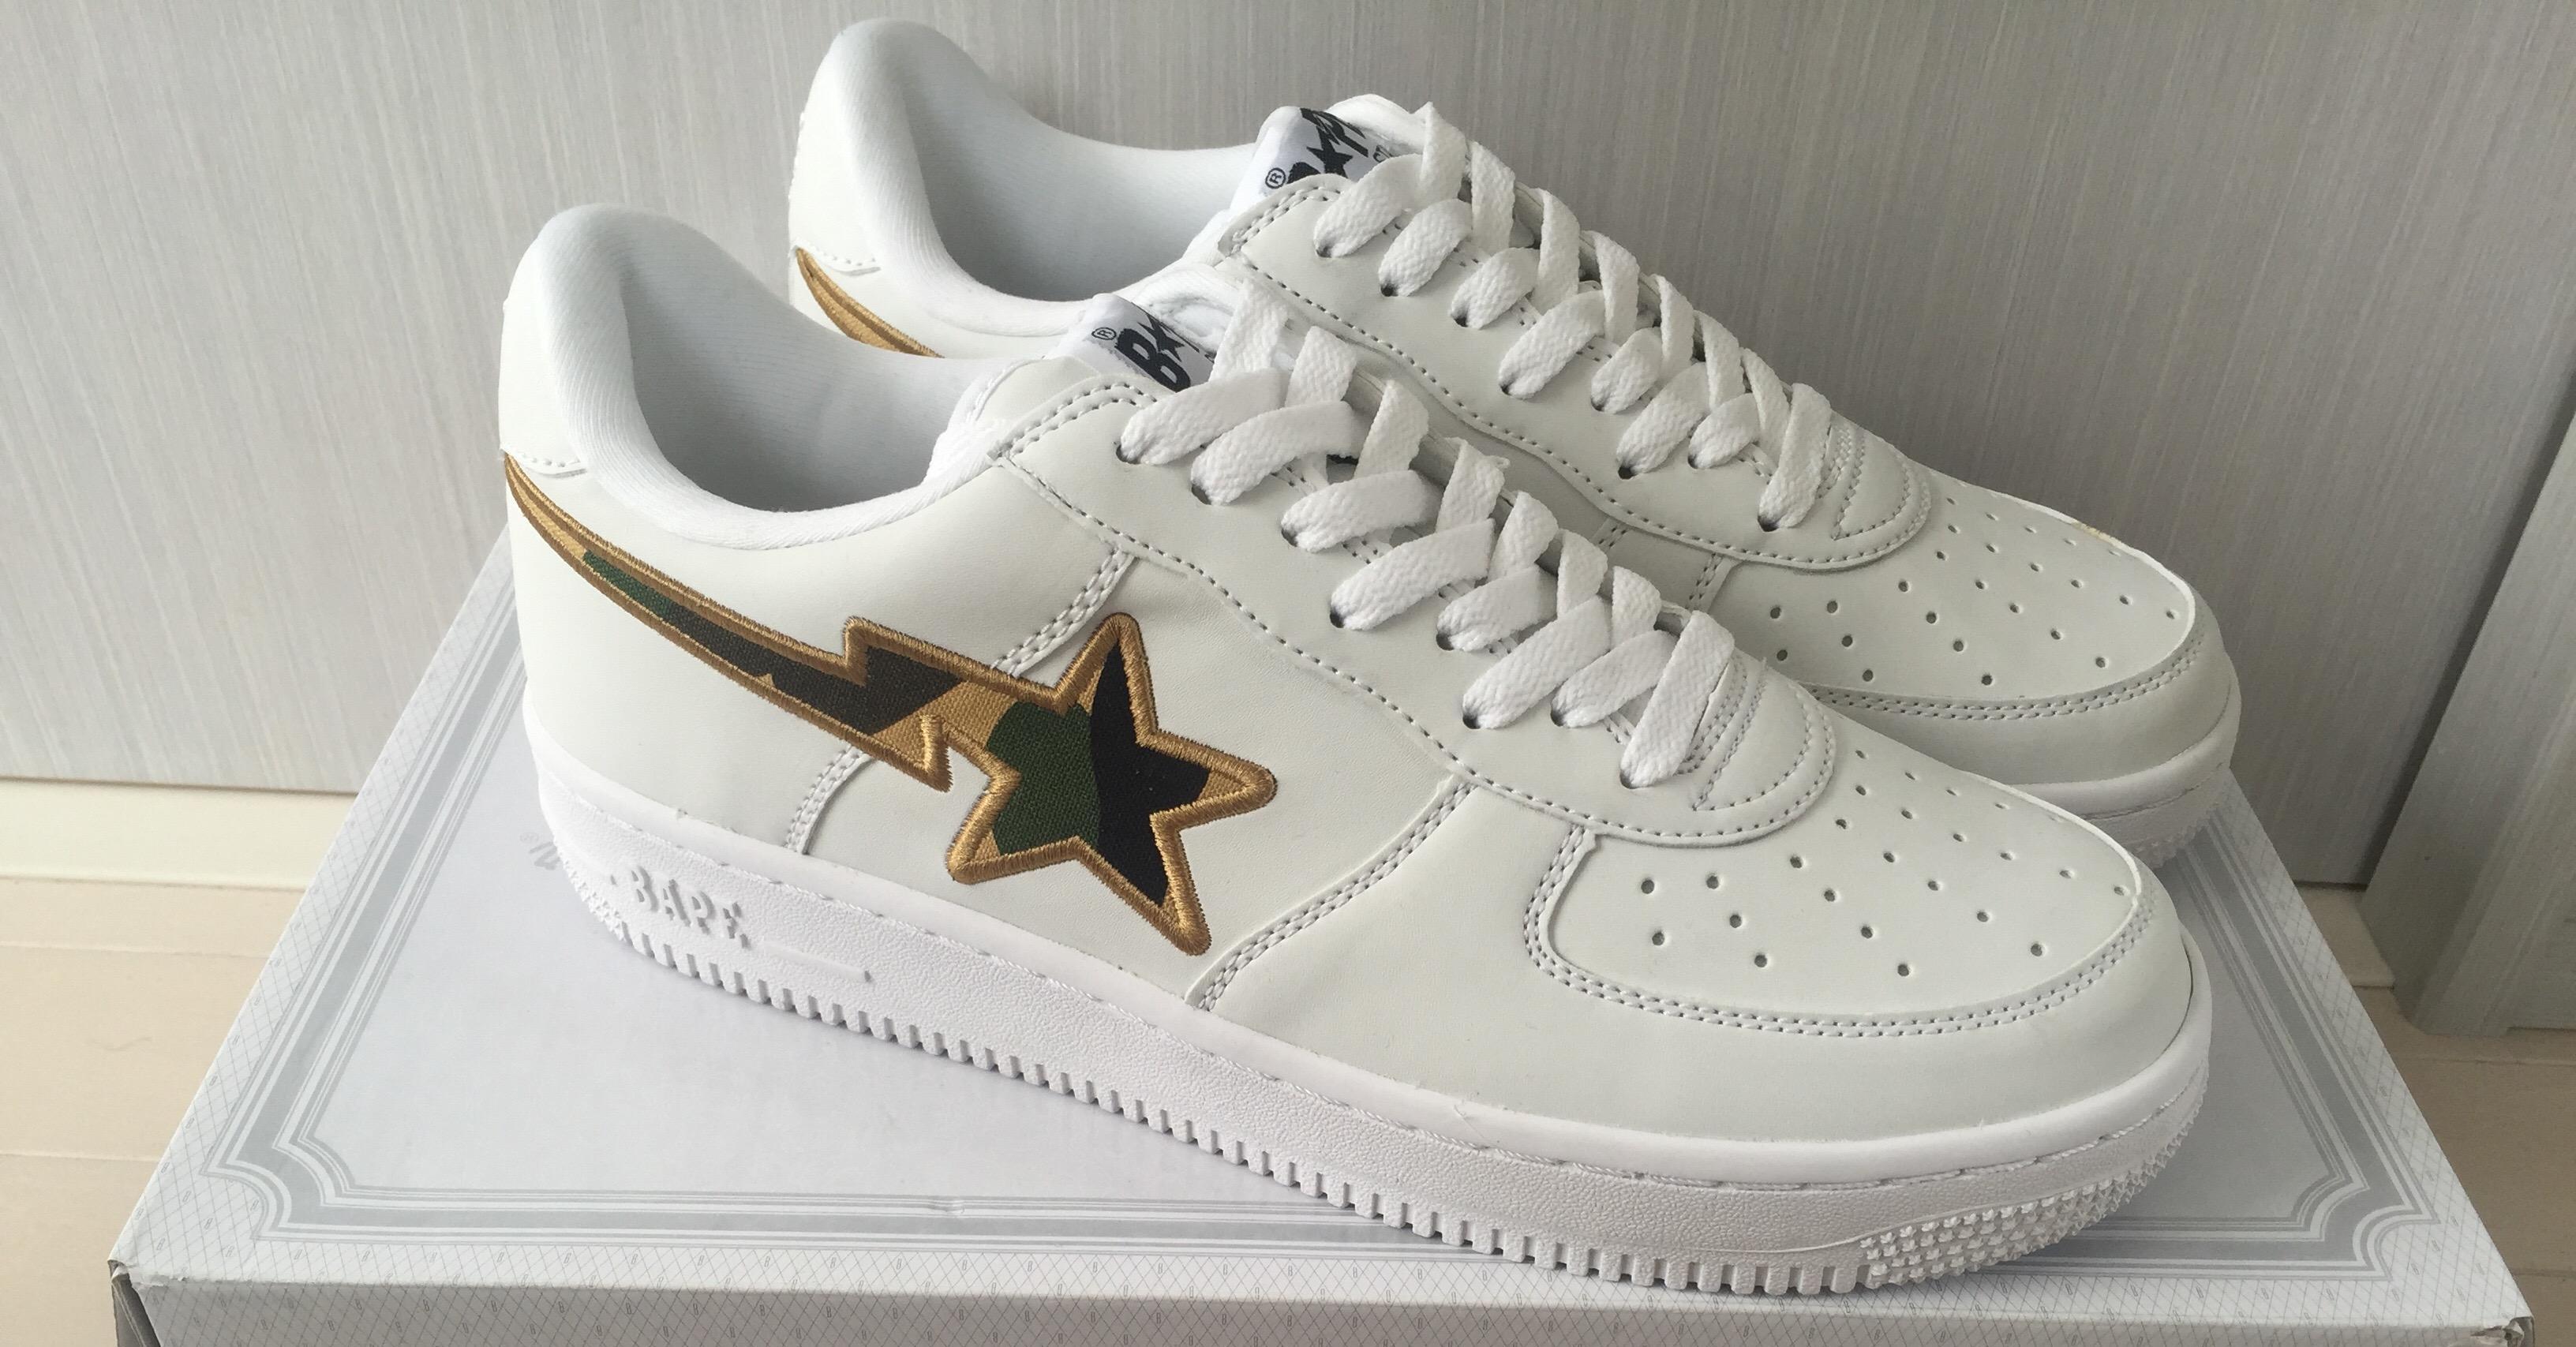 fe67e4c61826f Bape Bapesta White/yellow Camo Shoes   Grailed